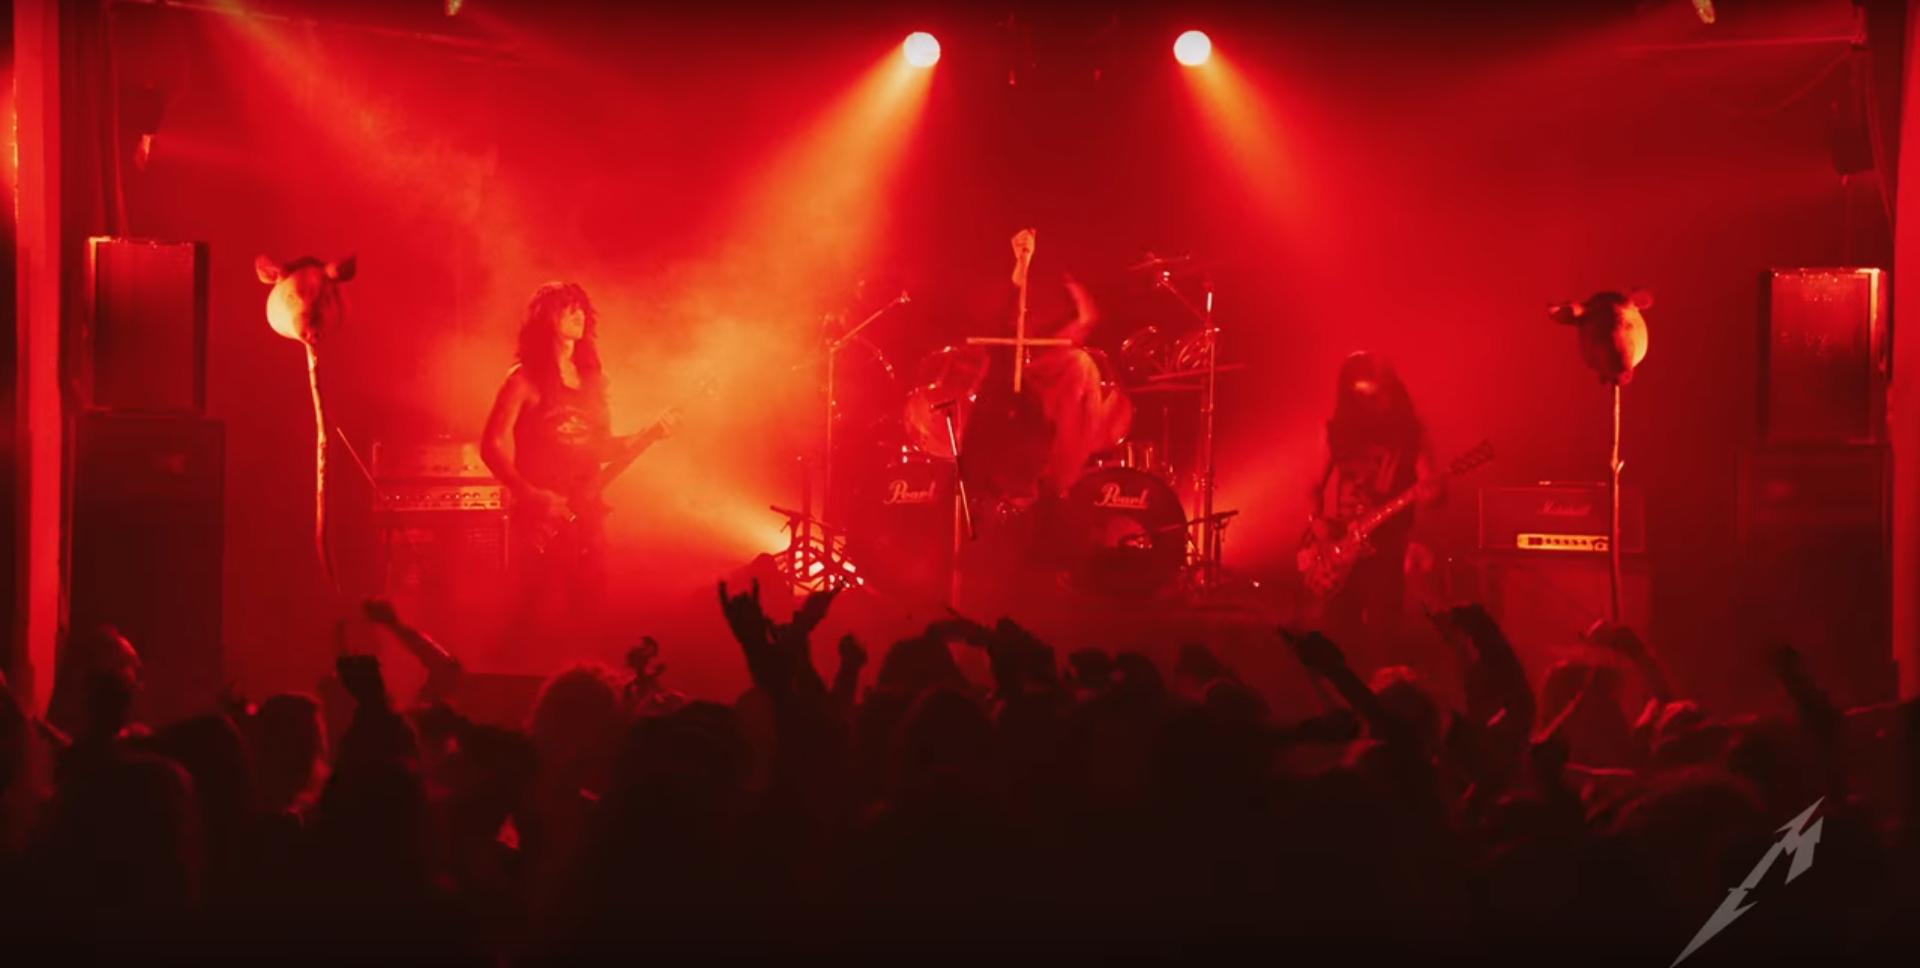 メタリカ、Metallica、ManUNKind